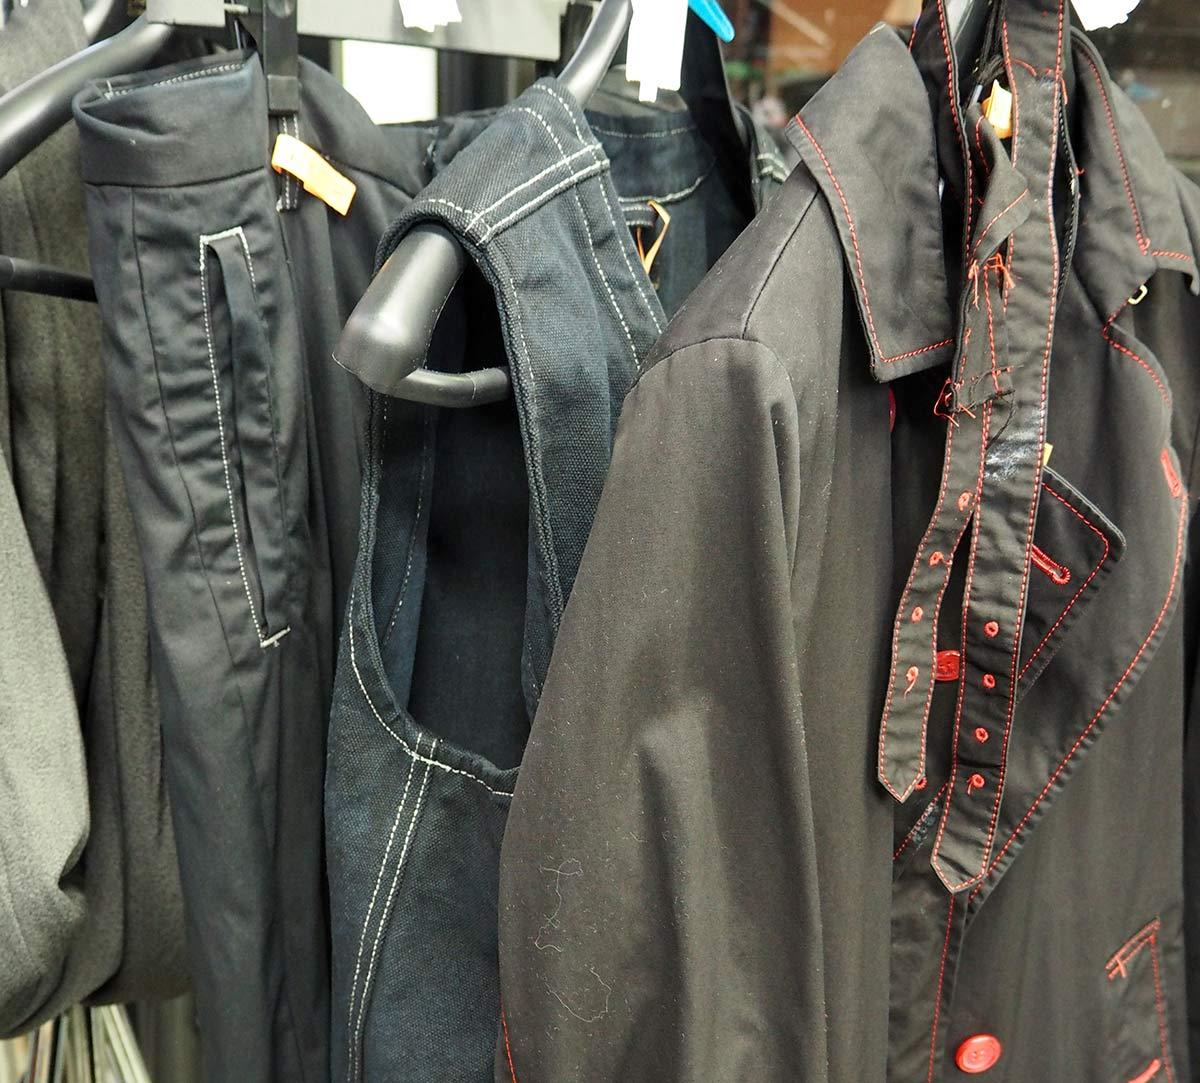 黒染めされた衣類。手前のコートはもともと真っ赤な色をしていた。